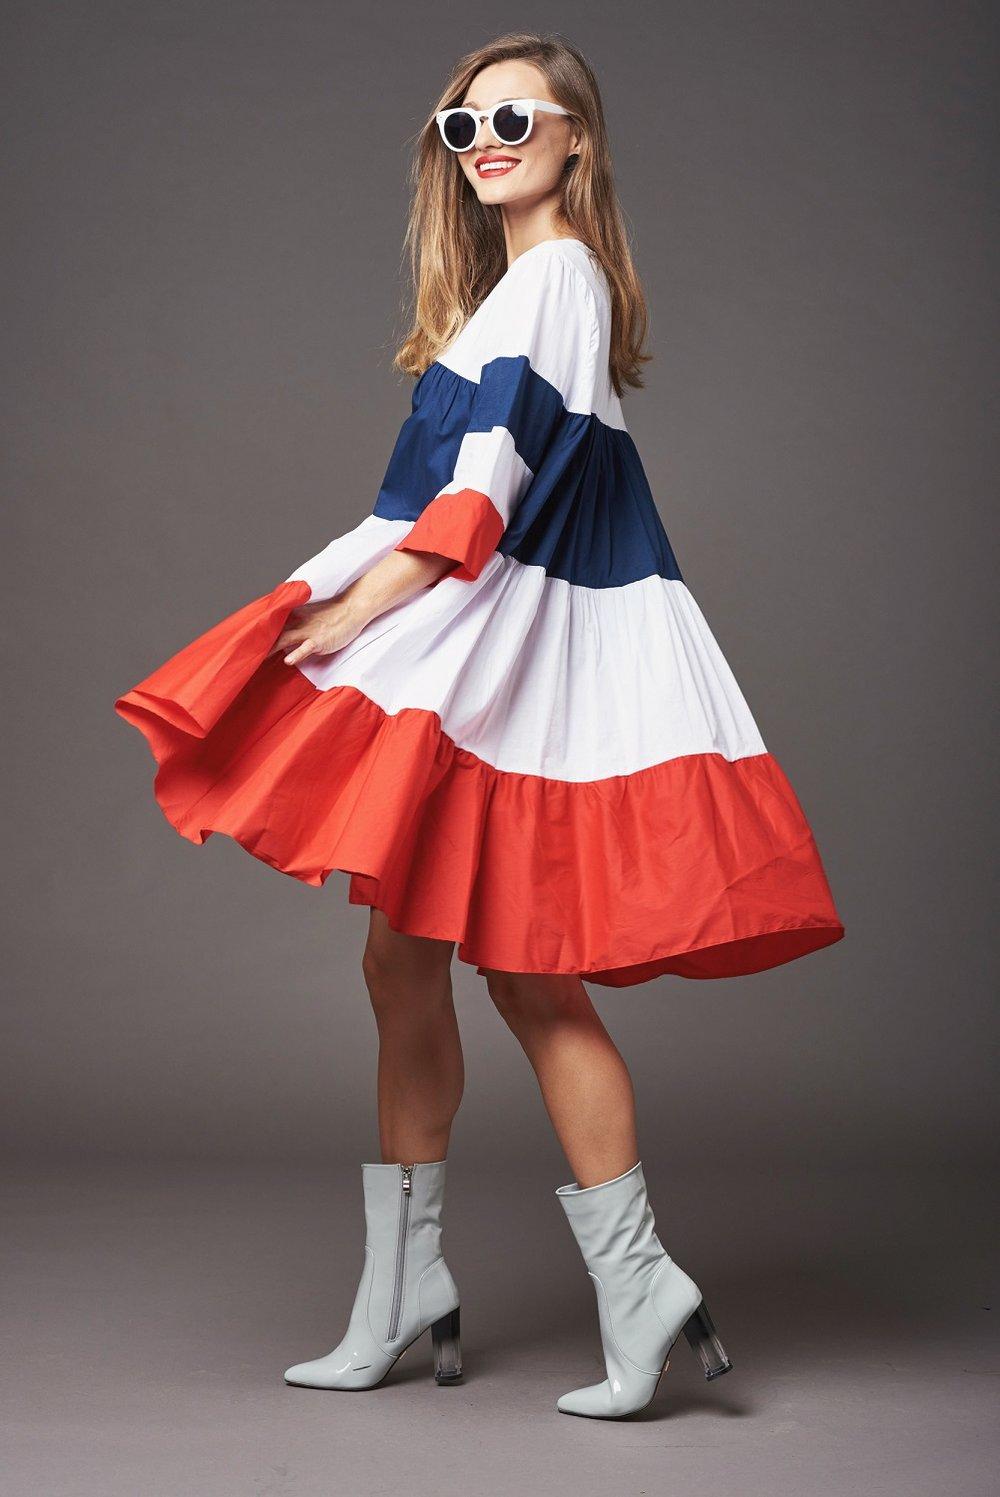 """שמלה של המעצבת לילך אלגרבלי389 ש""""ח  Lilachelgrably.com  (צילום גלעד בר שלו)"""